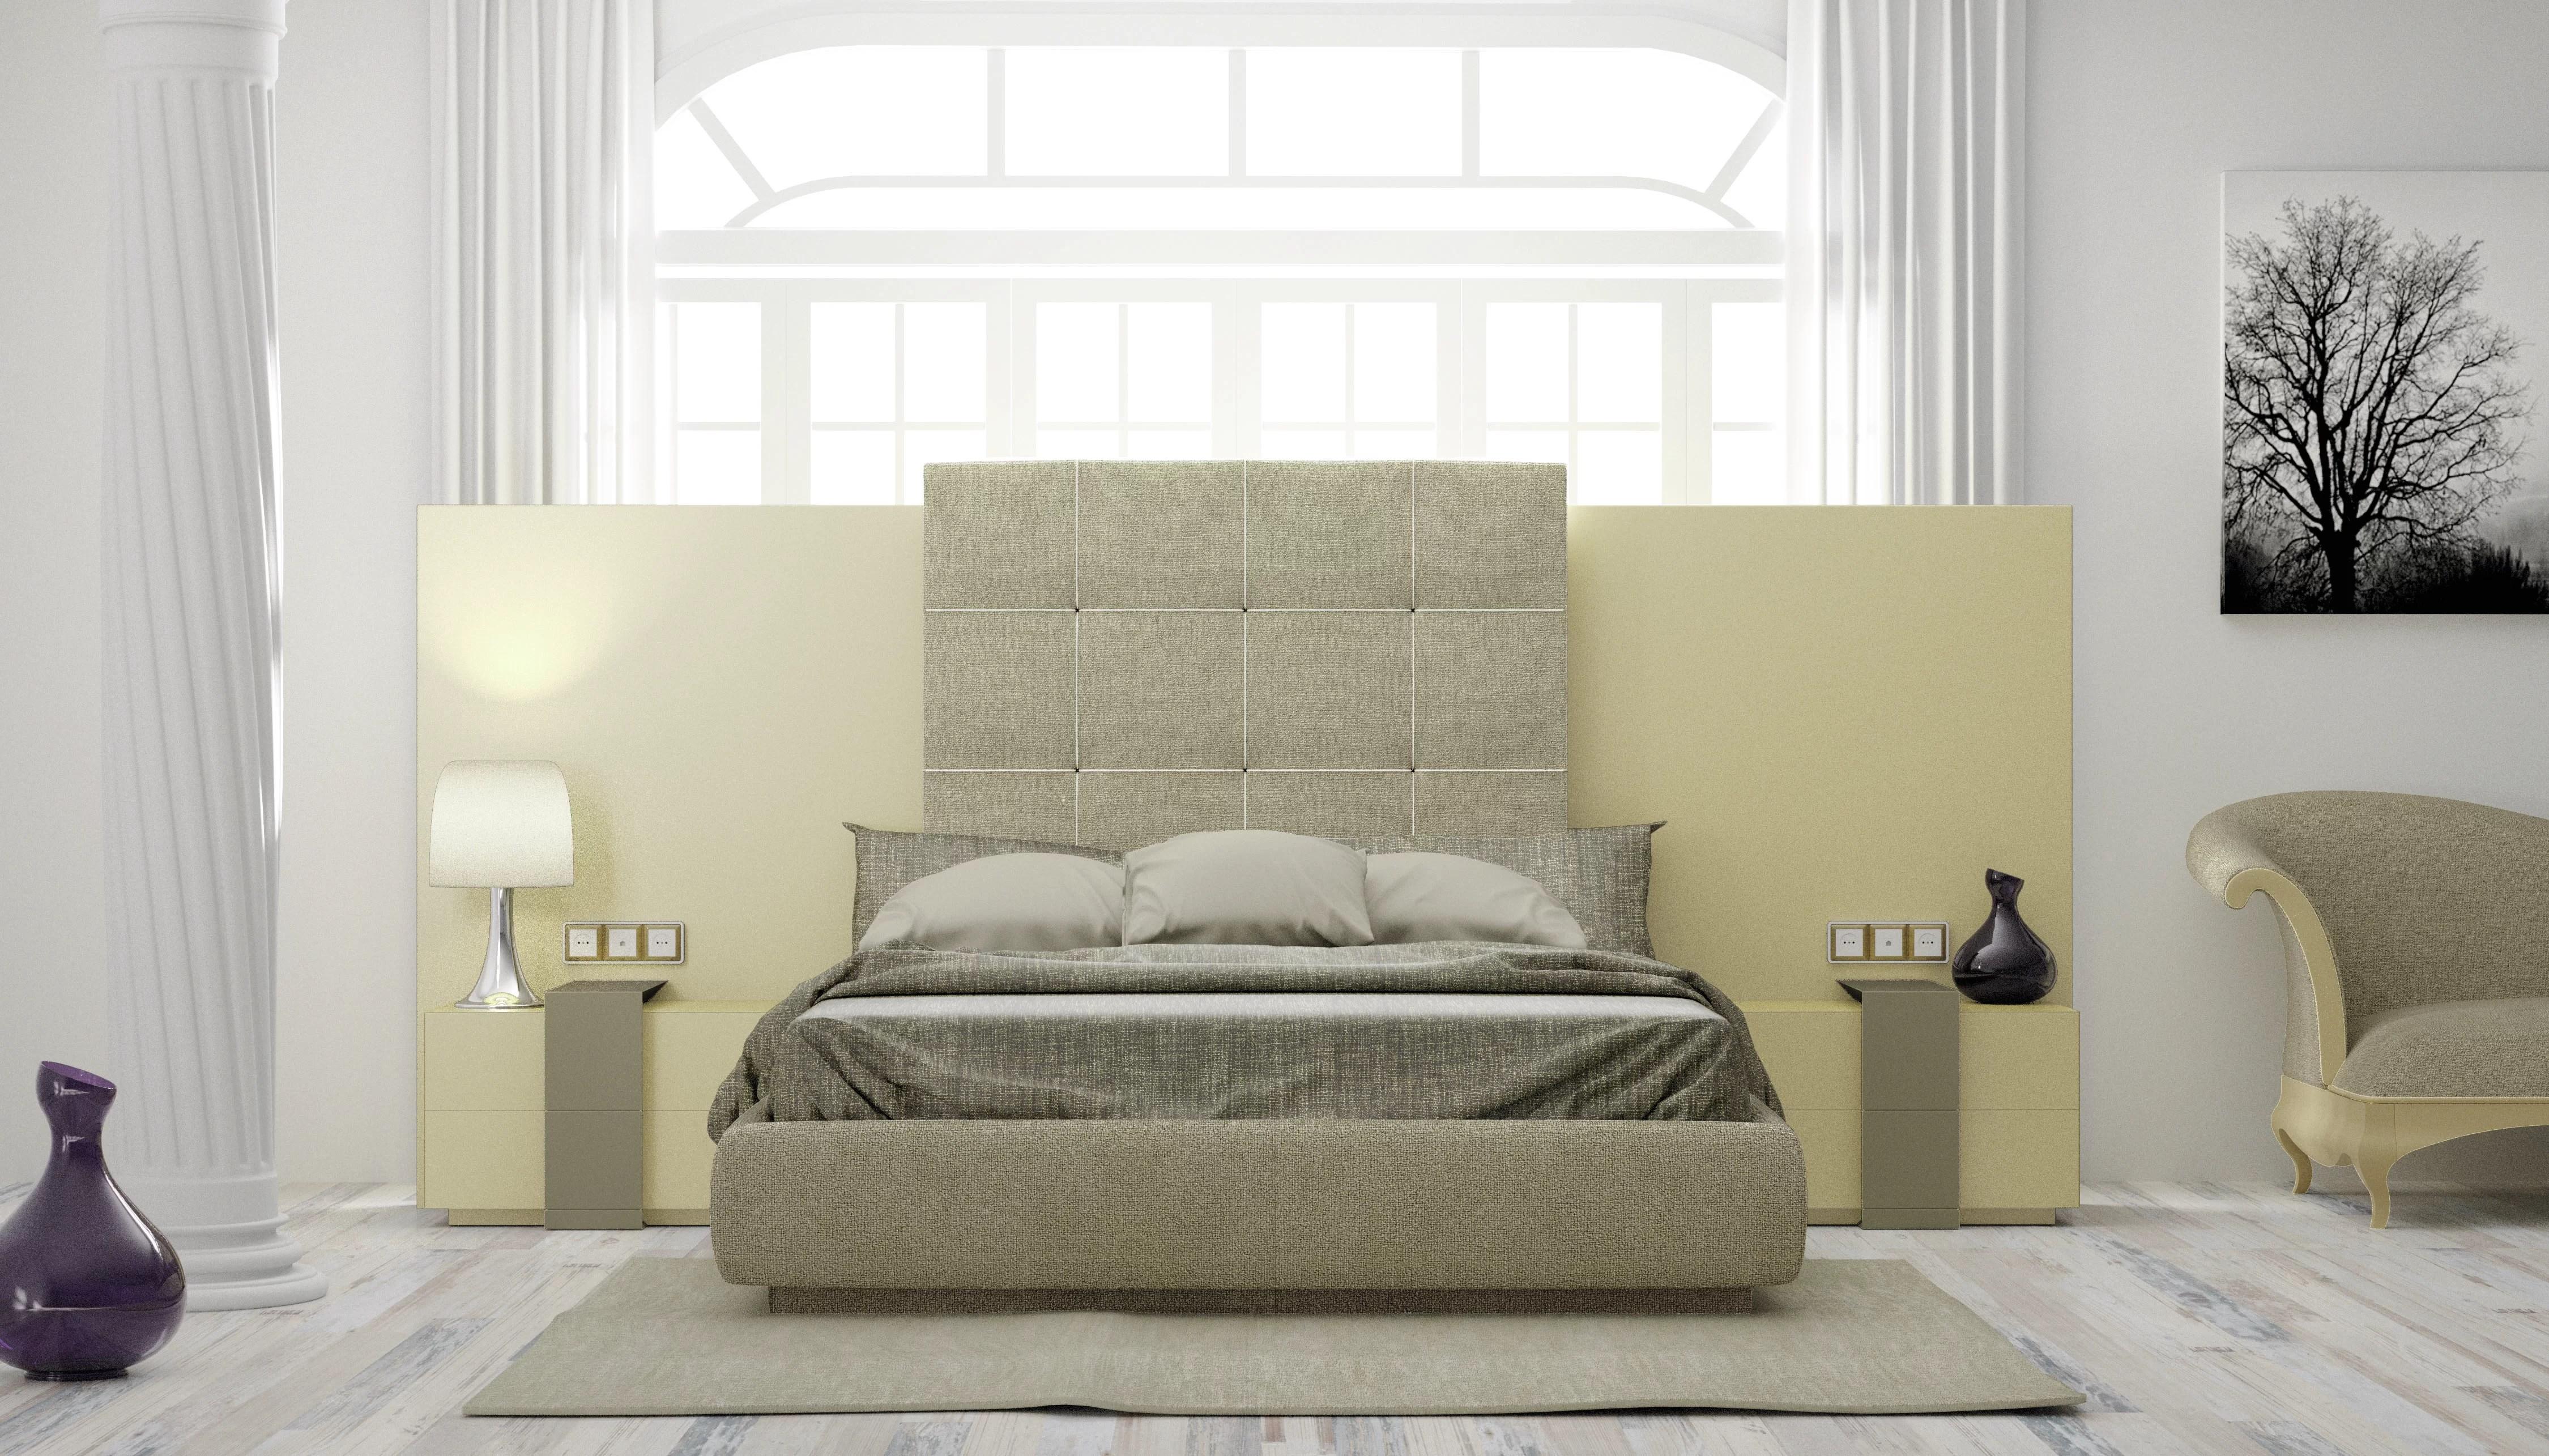 Orren Ellis Matheson King Upholstered Platform Bed